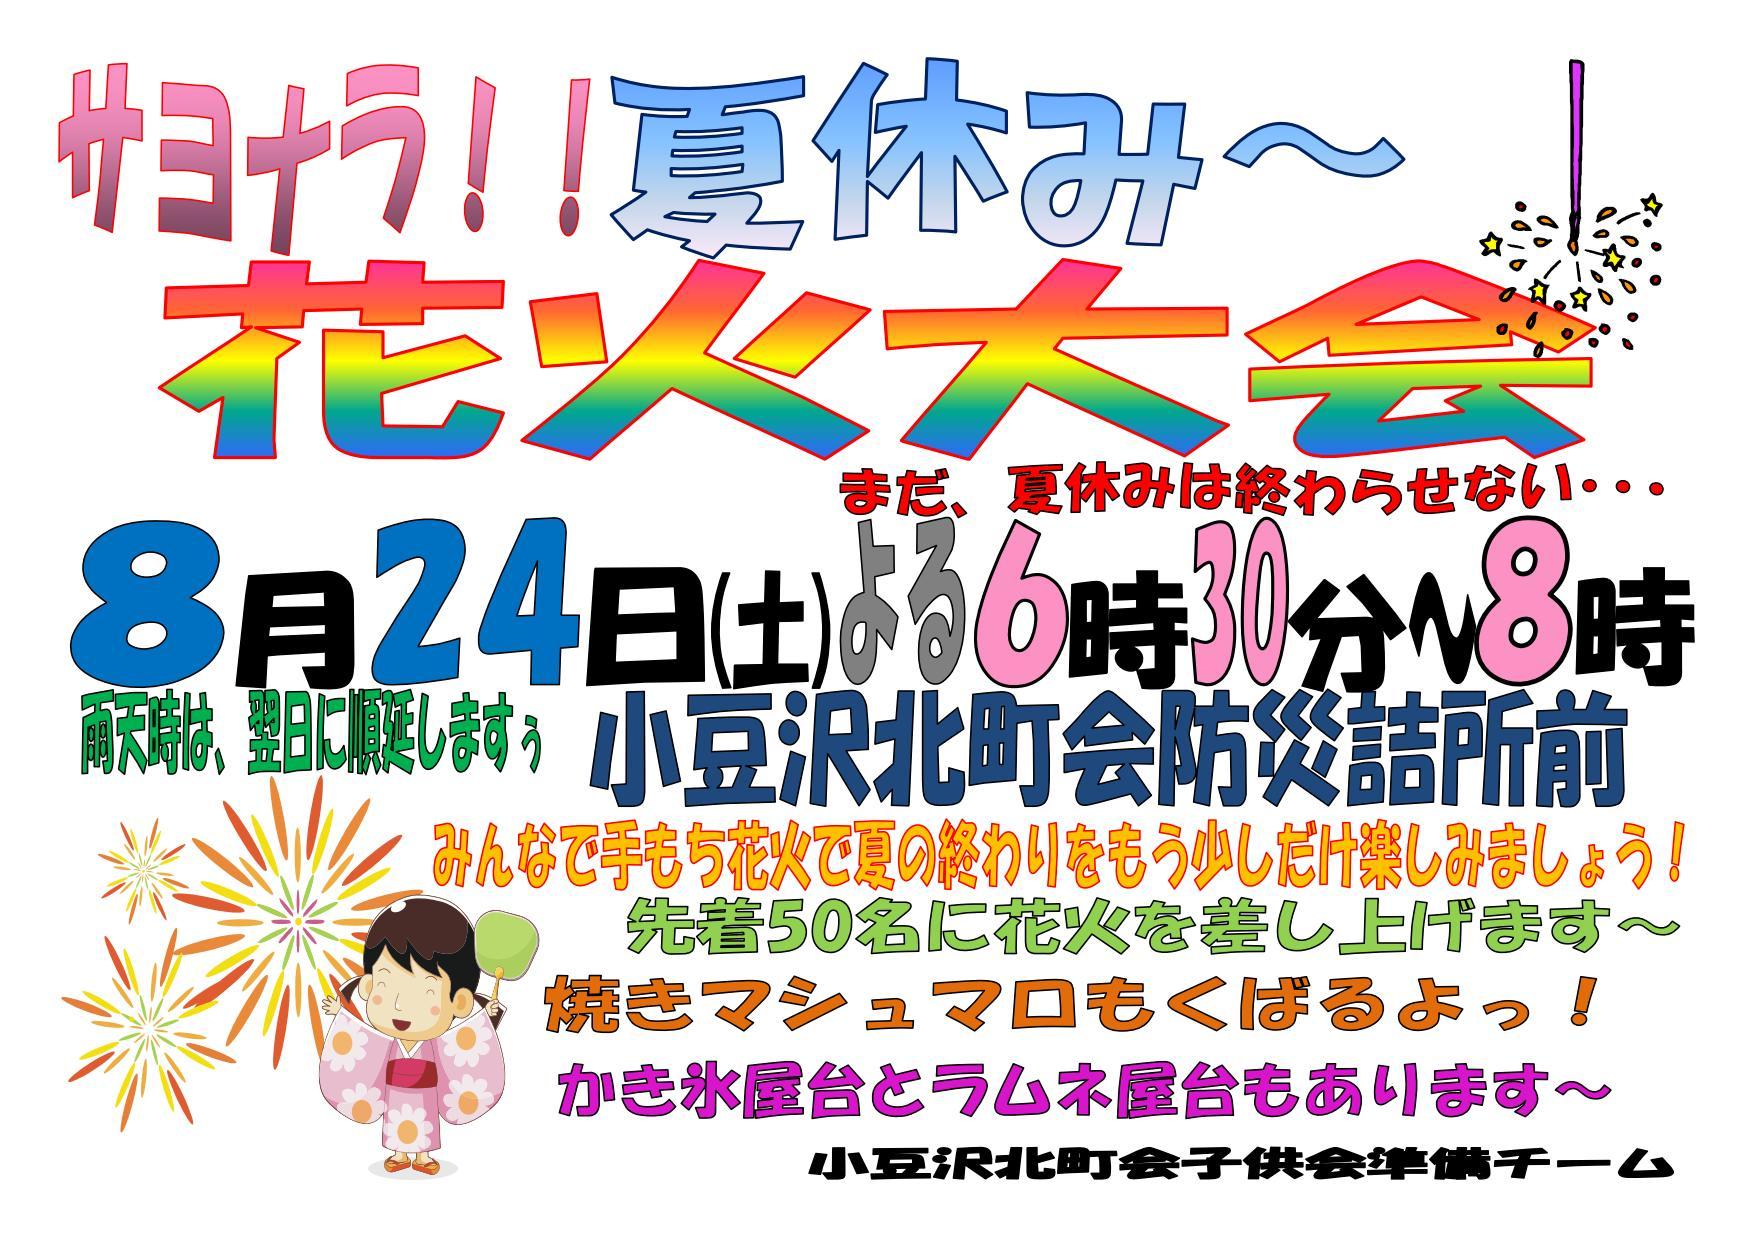 サヨナラ夏休み花火大会